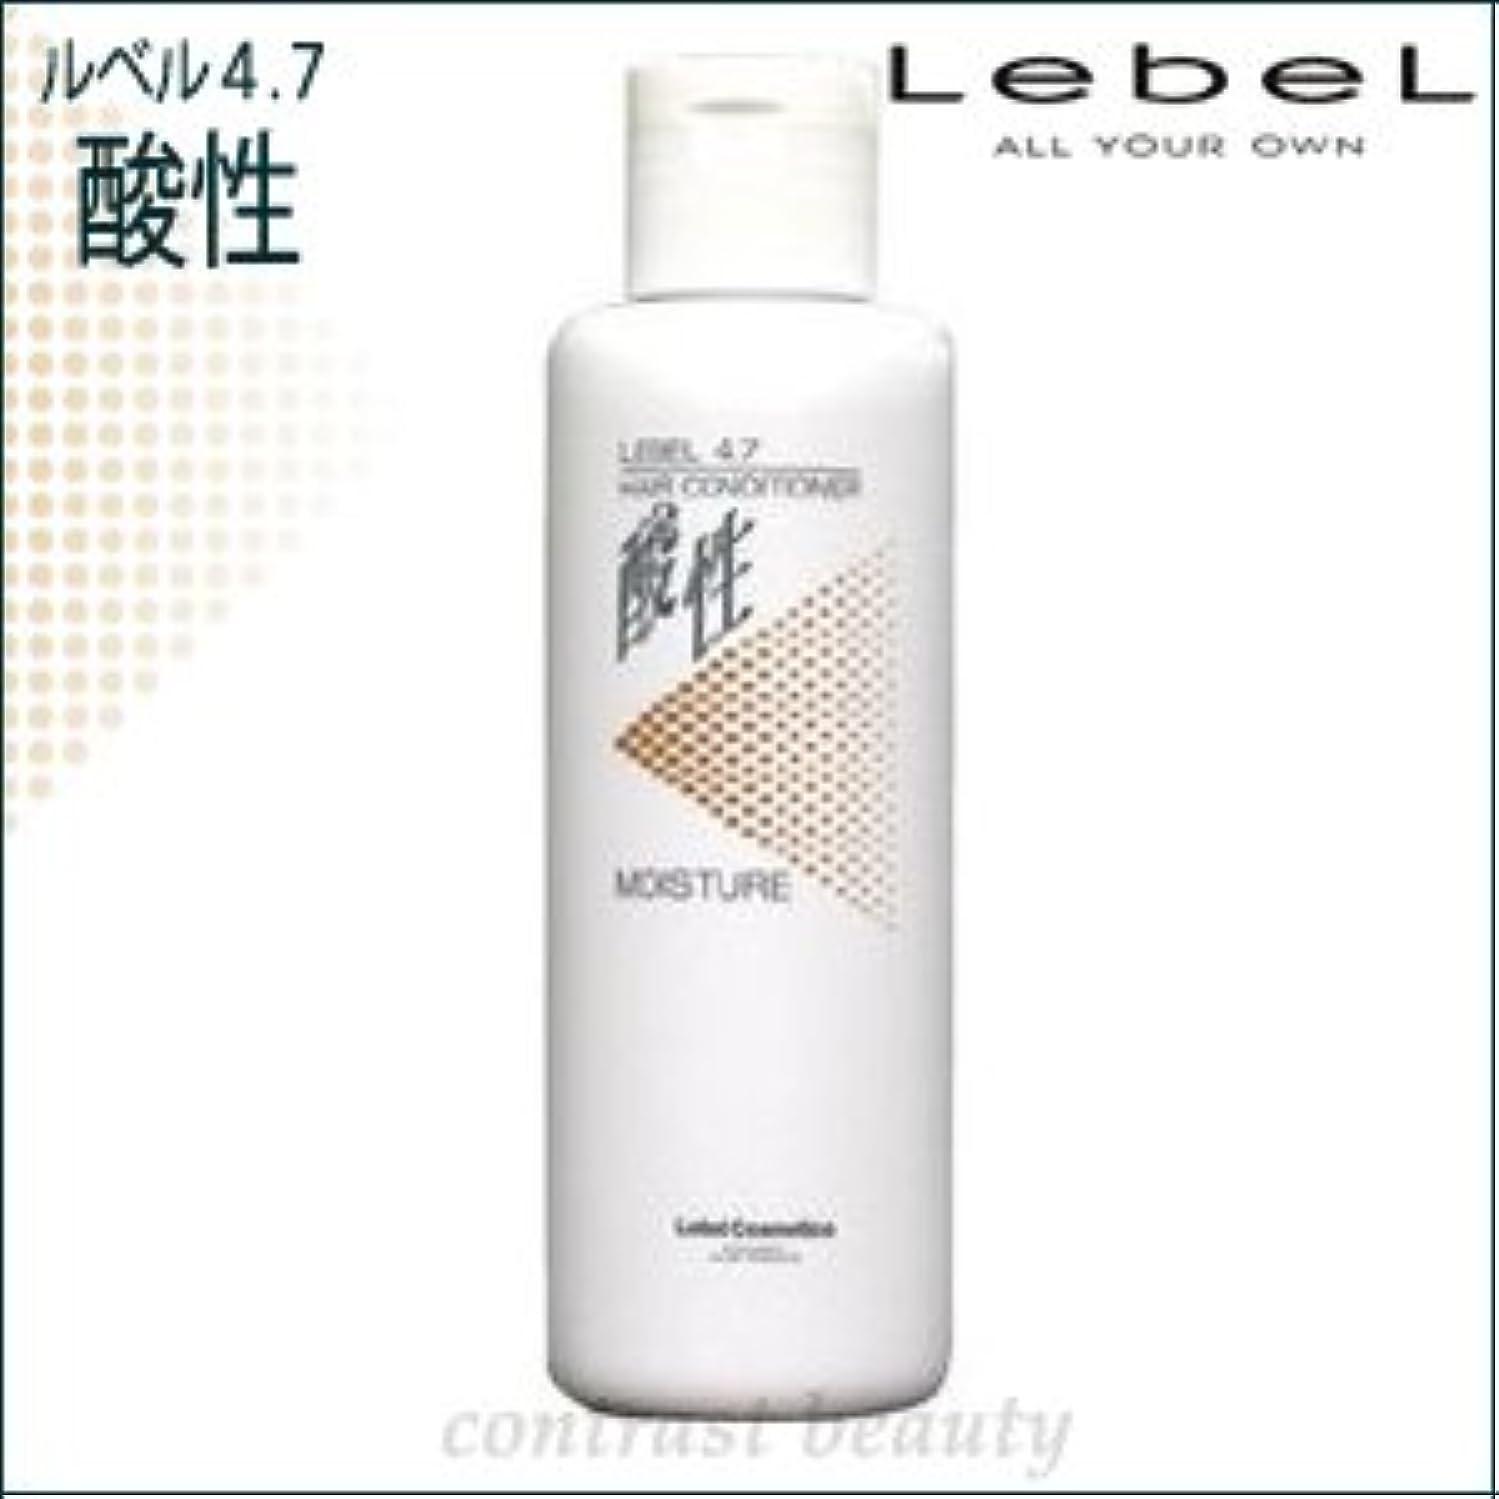 ほとんどない北西修正する【X2個セット】 ルベル/LebeL 4.7酸性 モイスチャーコンディショナー 250ml